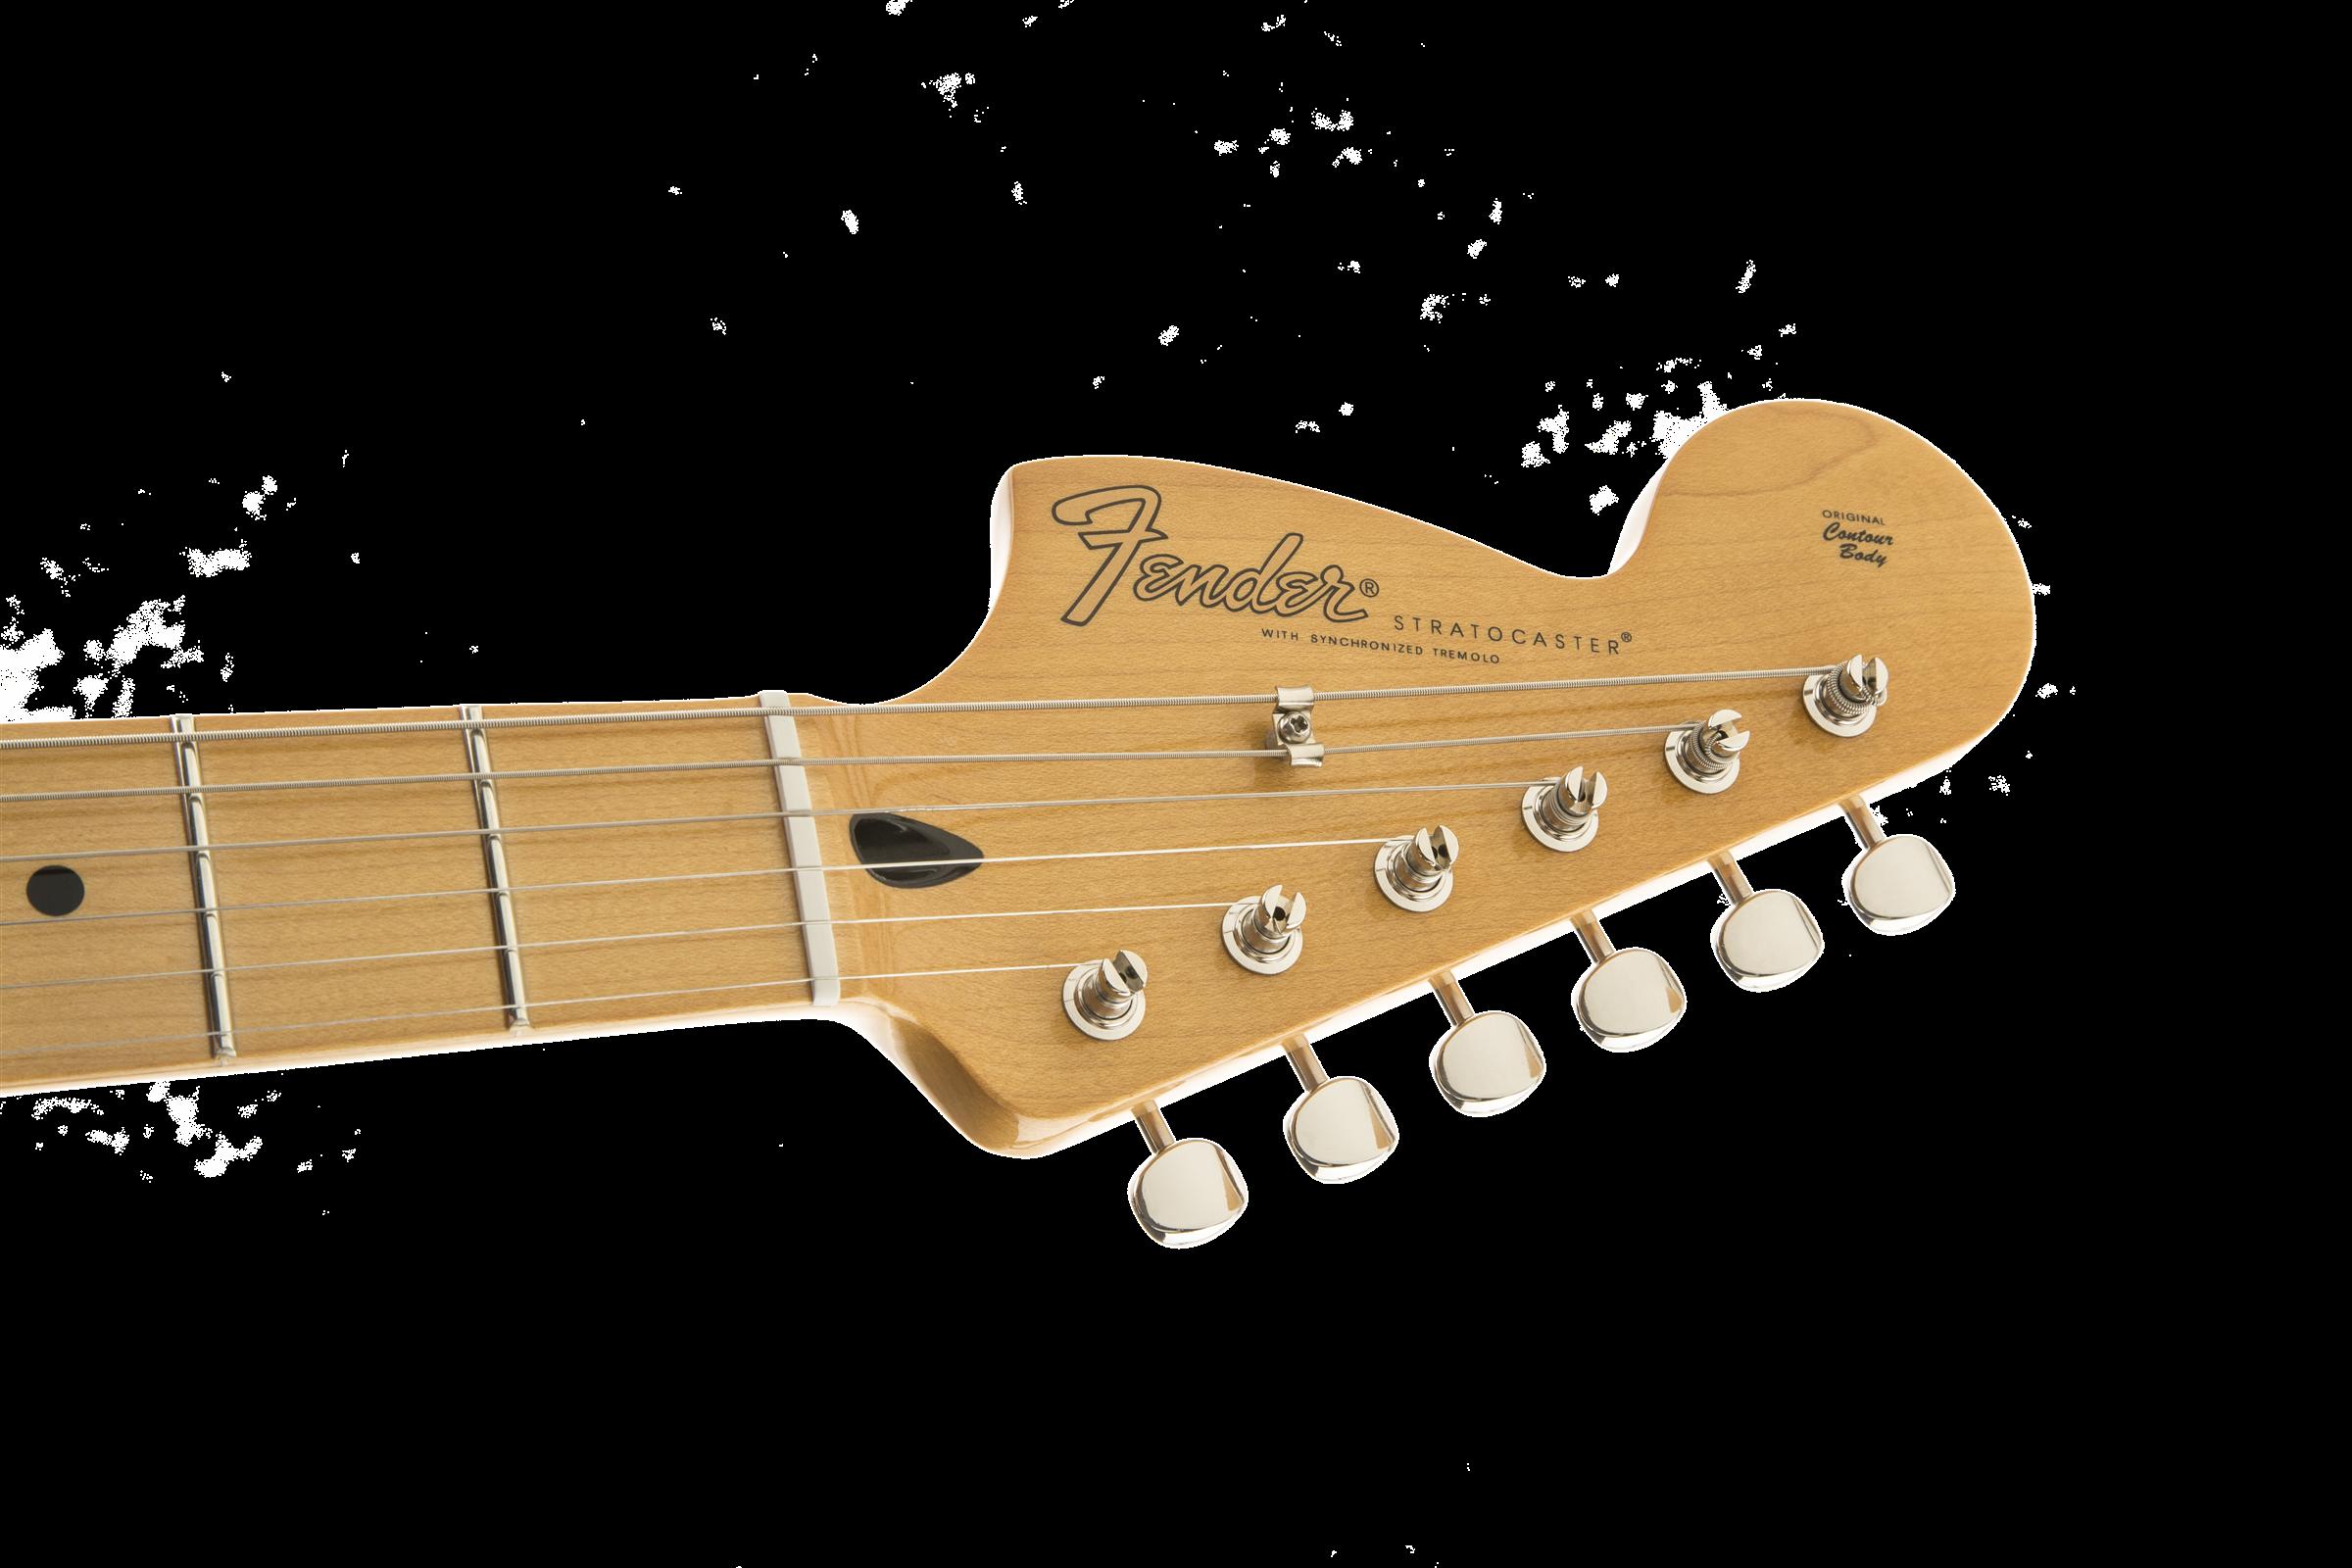 jimi-hendrix-gitara-white-stratocaster-03